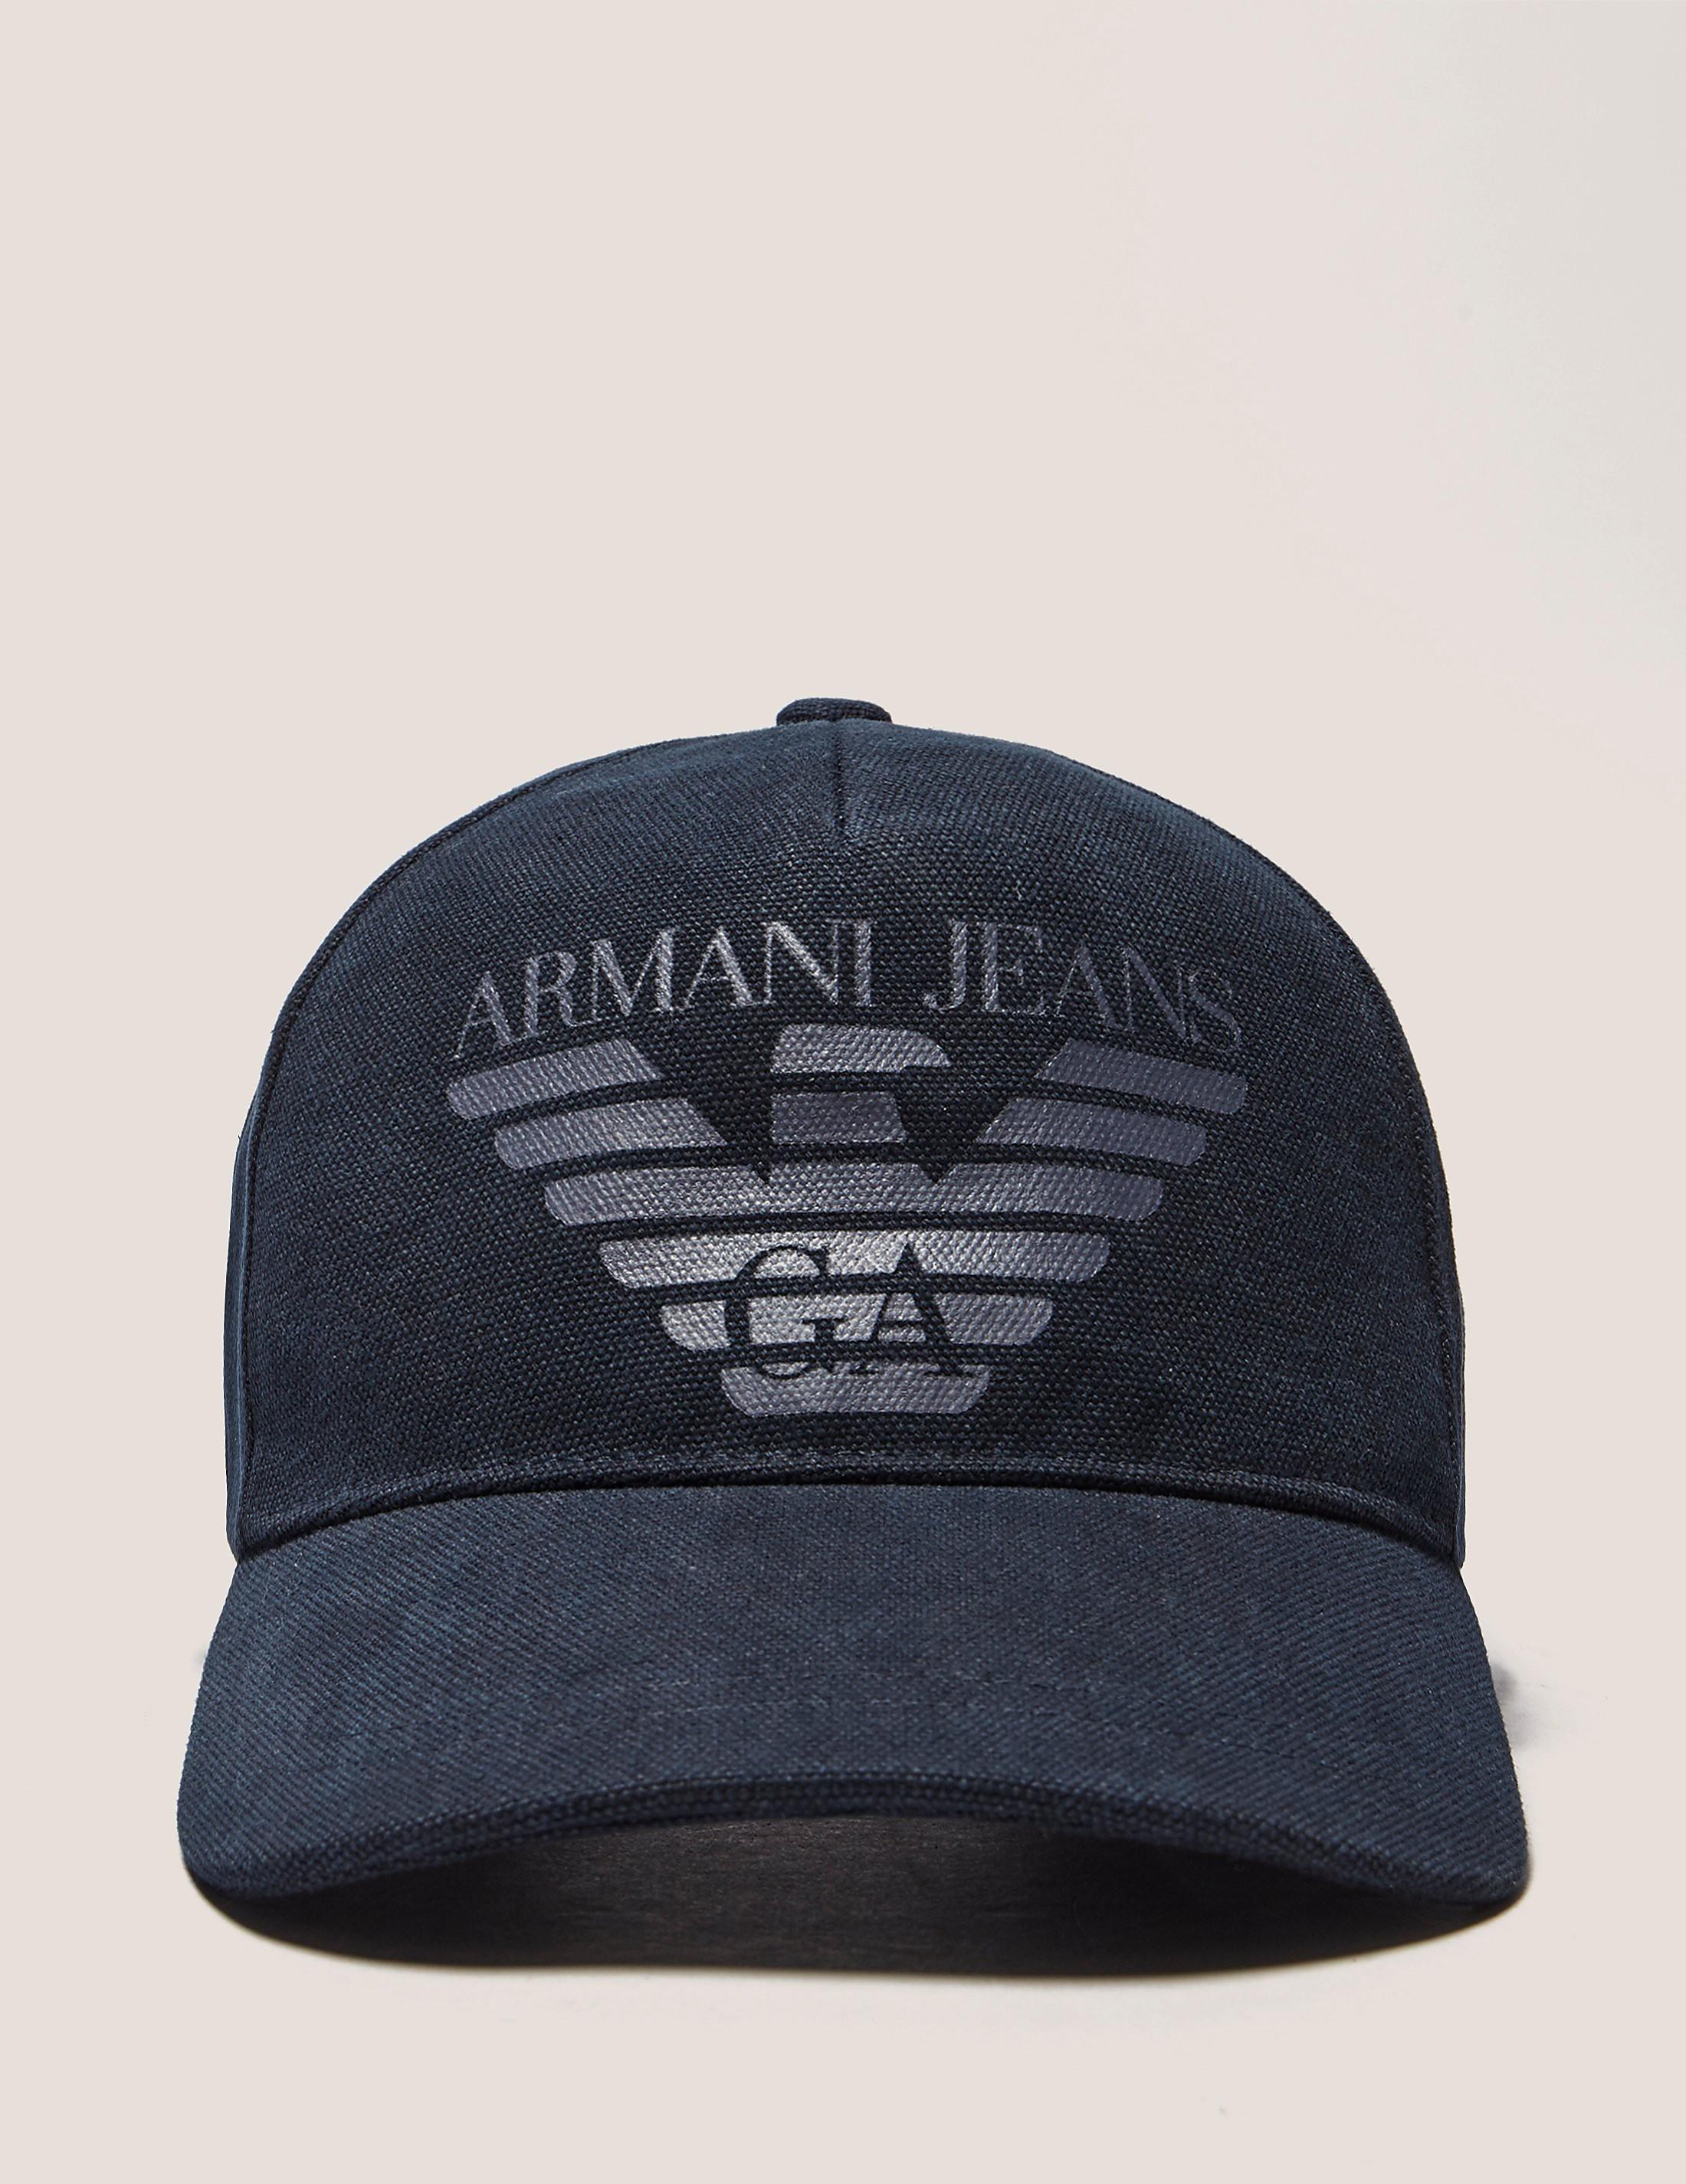 Armani Jeans Large Eagle Logo Cap